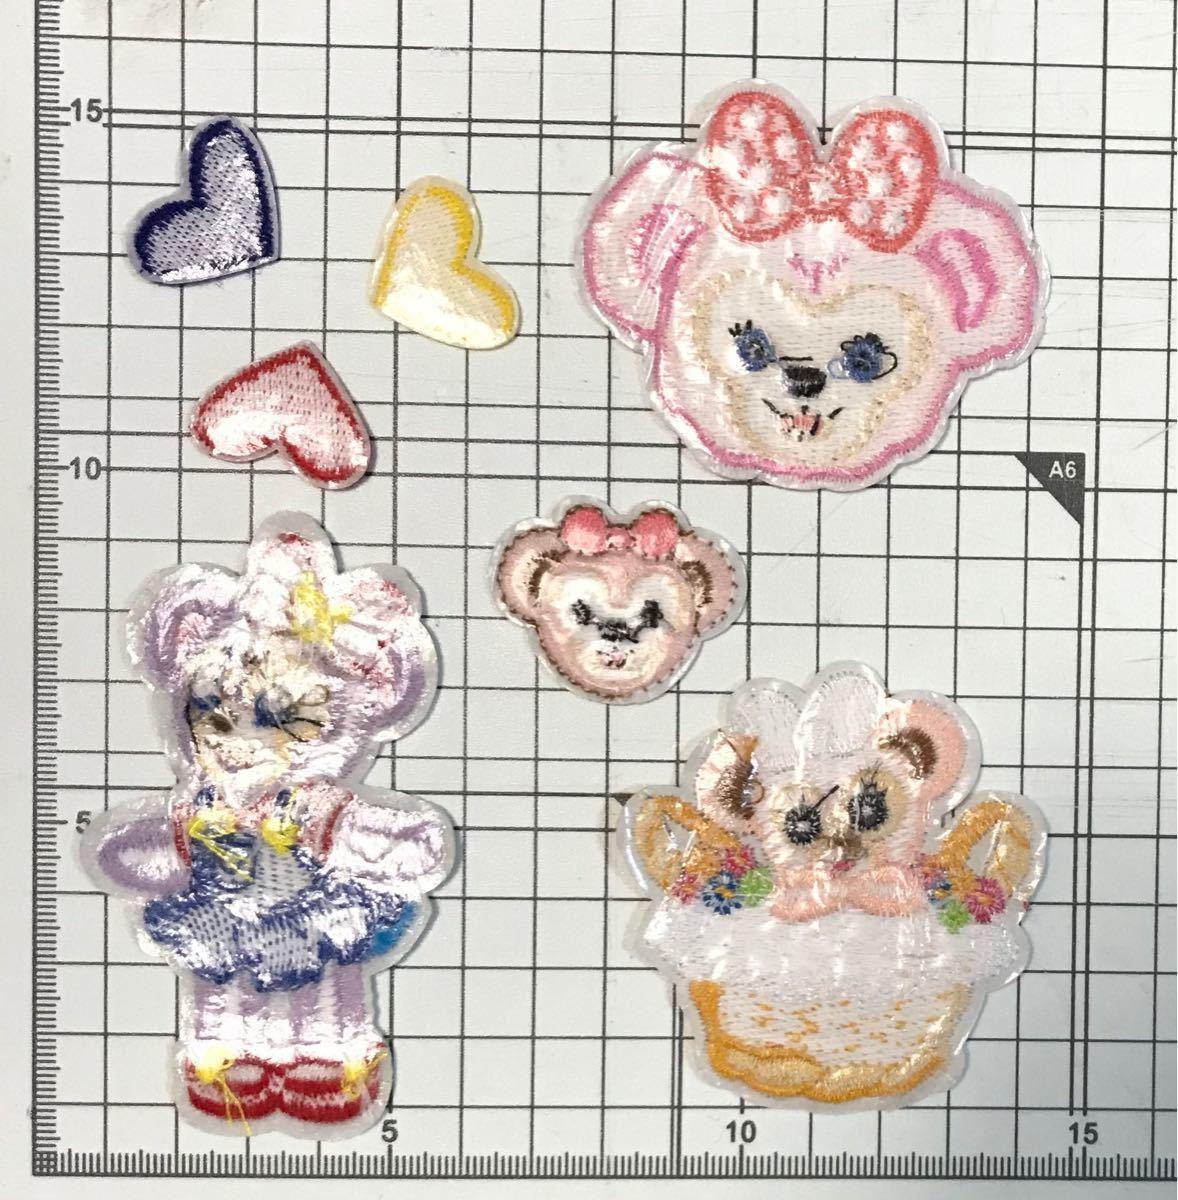 アイロンワッペン 刺繍ワッペン シェリーメイ4+ハート3 計7枚セット